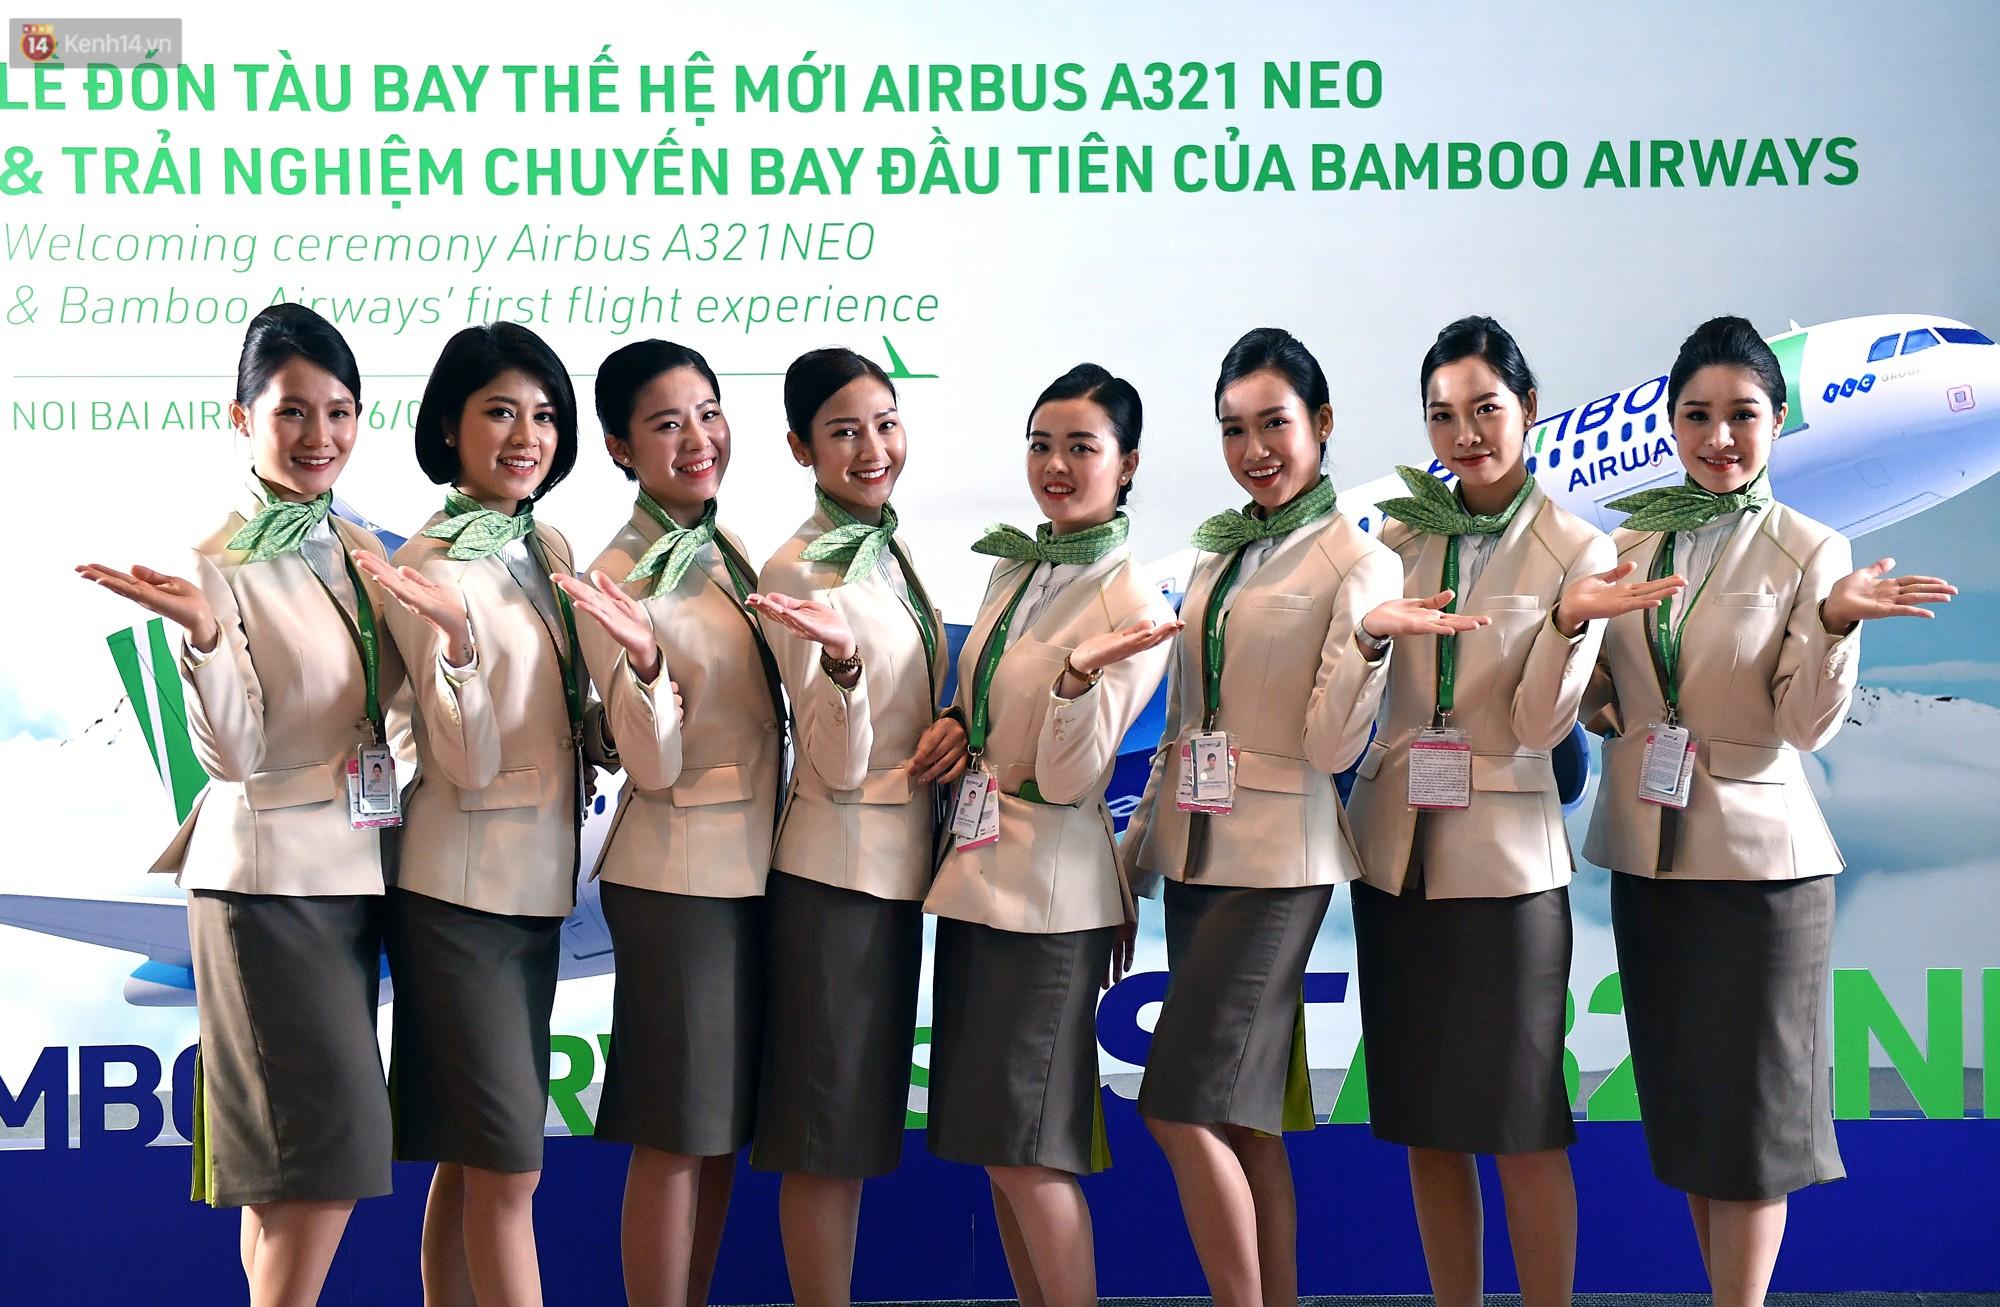 Cận cảnh đồng phục siêu đẹp của hãng hàng không Bamboo Airways 5